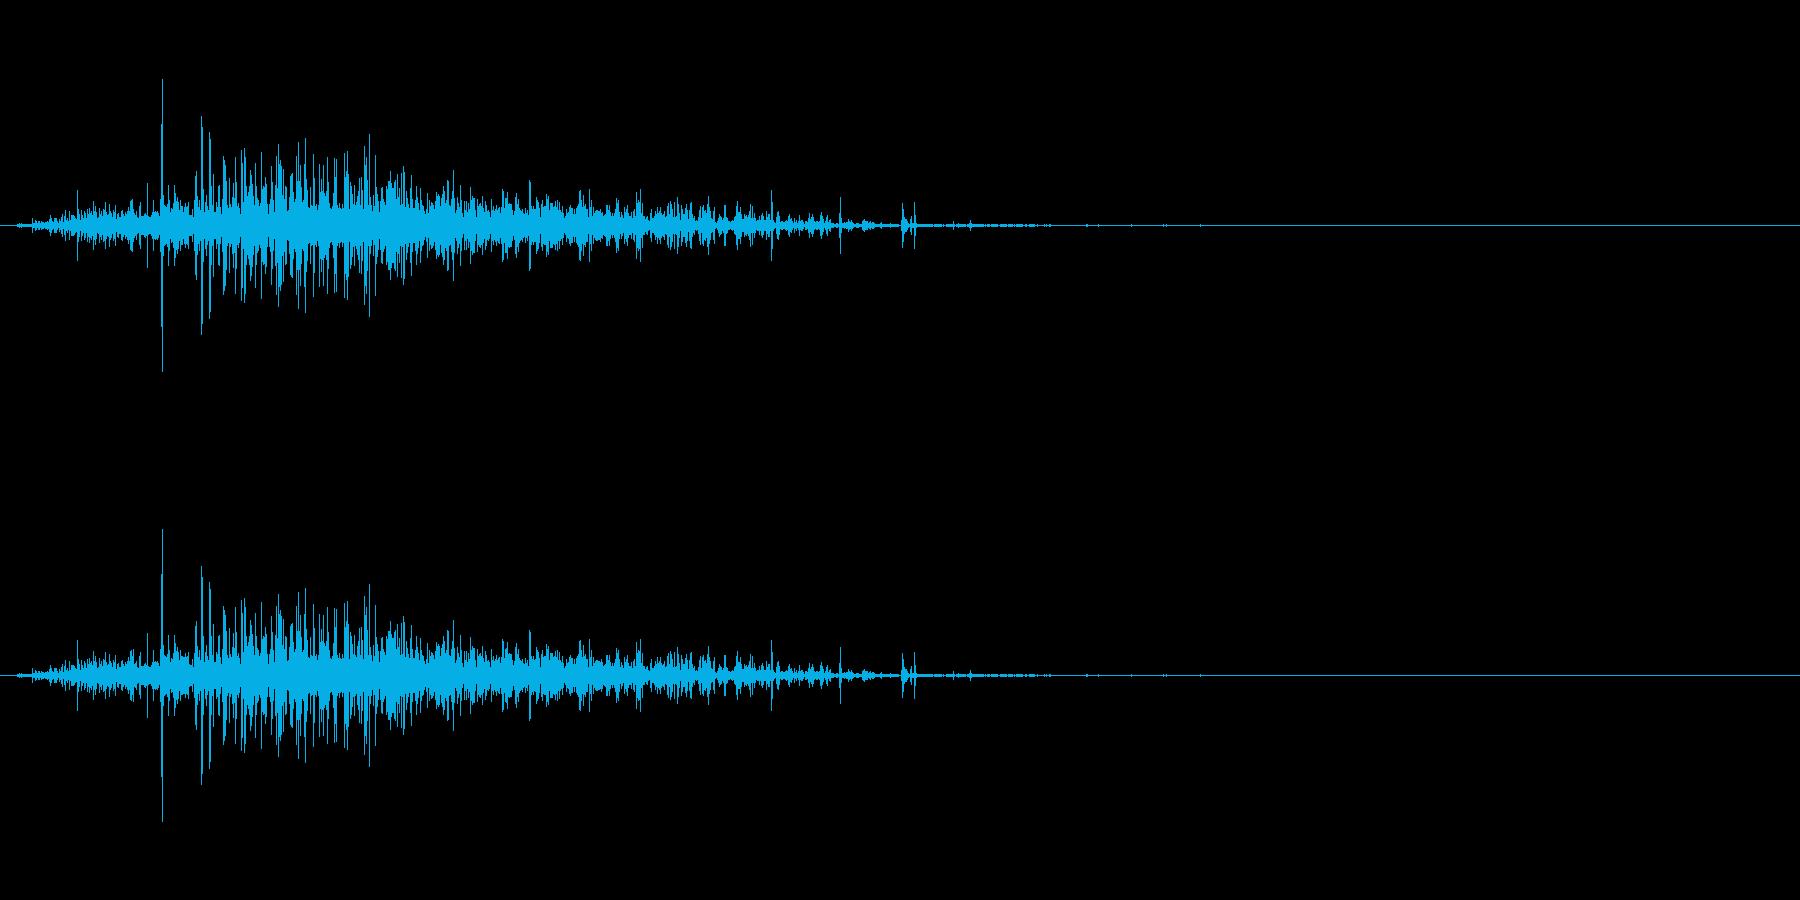 【生音】ジャラーという粒が流れる落下音の再生済みの波形